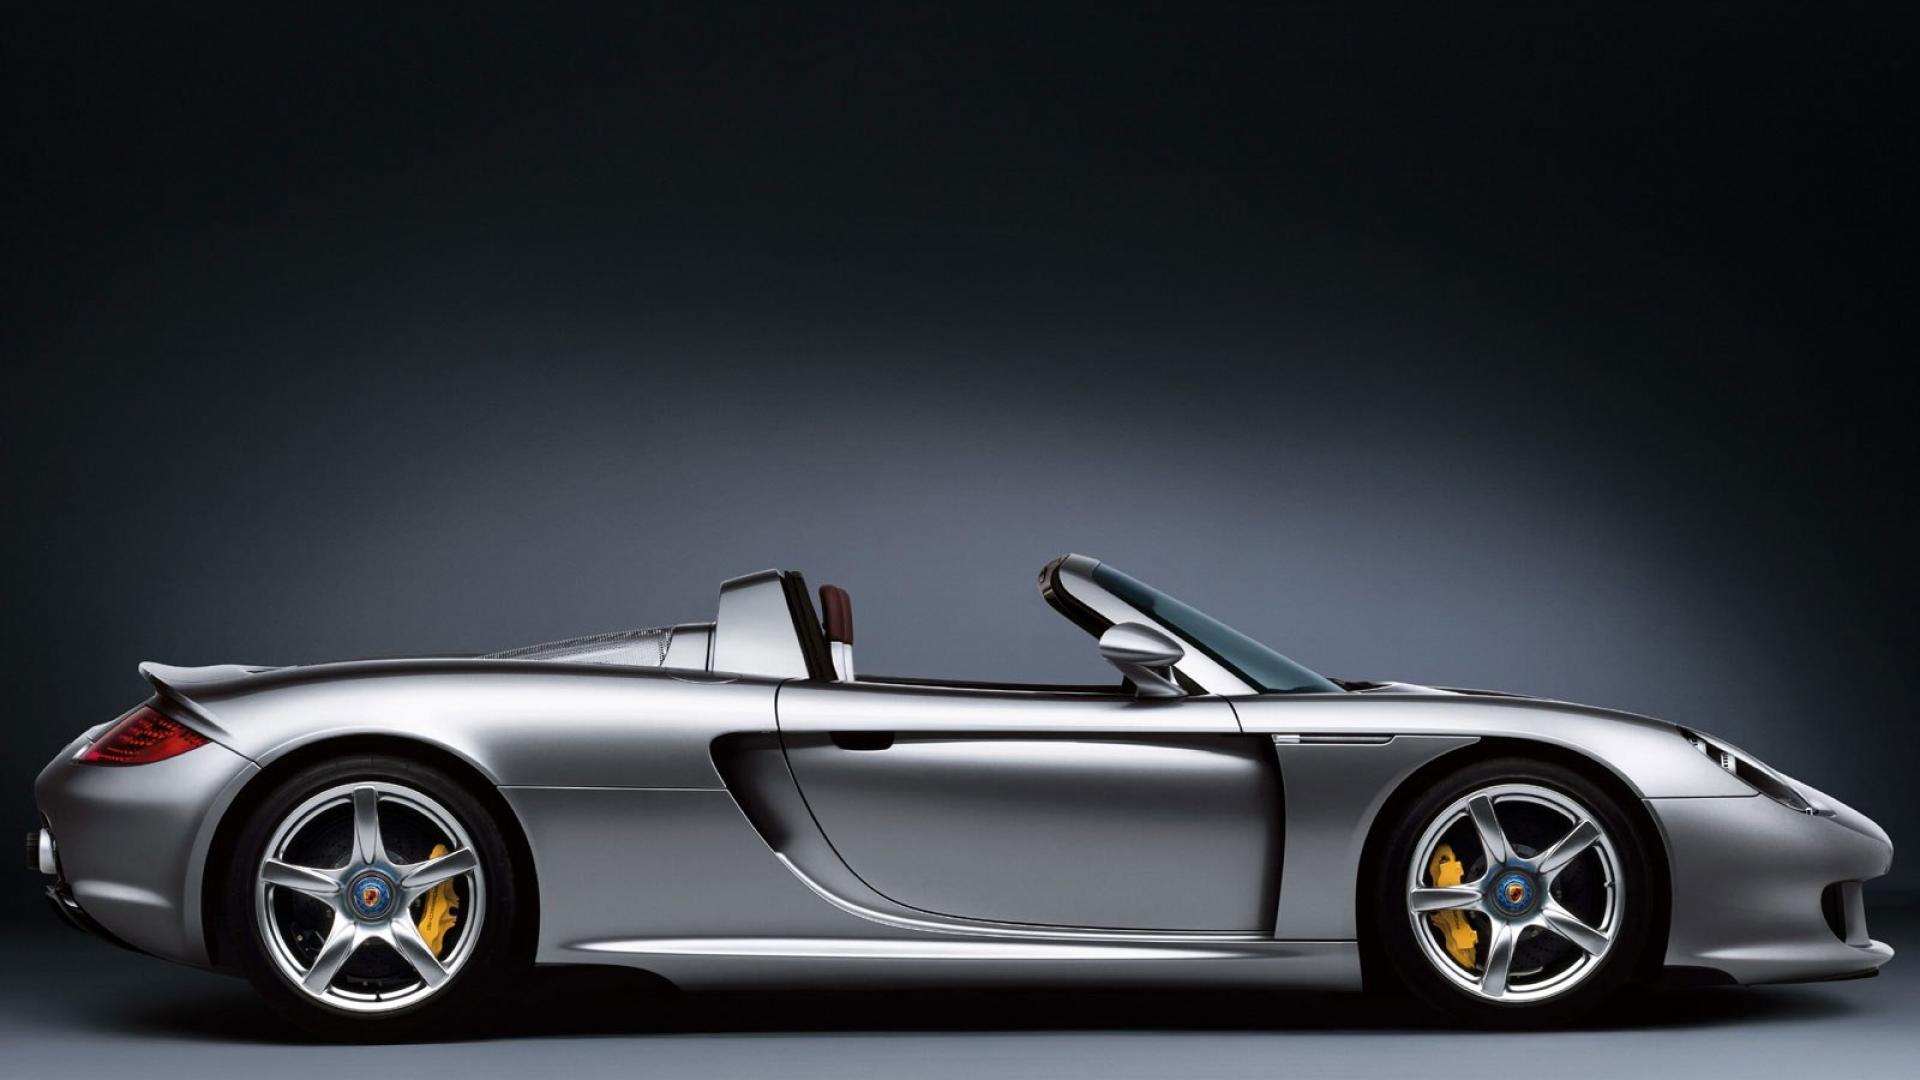 Porsche Carrera Gt Wallpapers Top Free Porsche Carrera Gt Backgrounds Wallpaperaccess